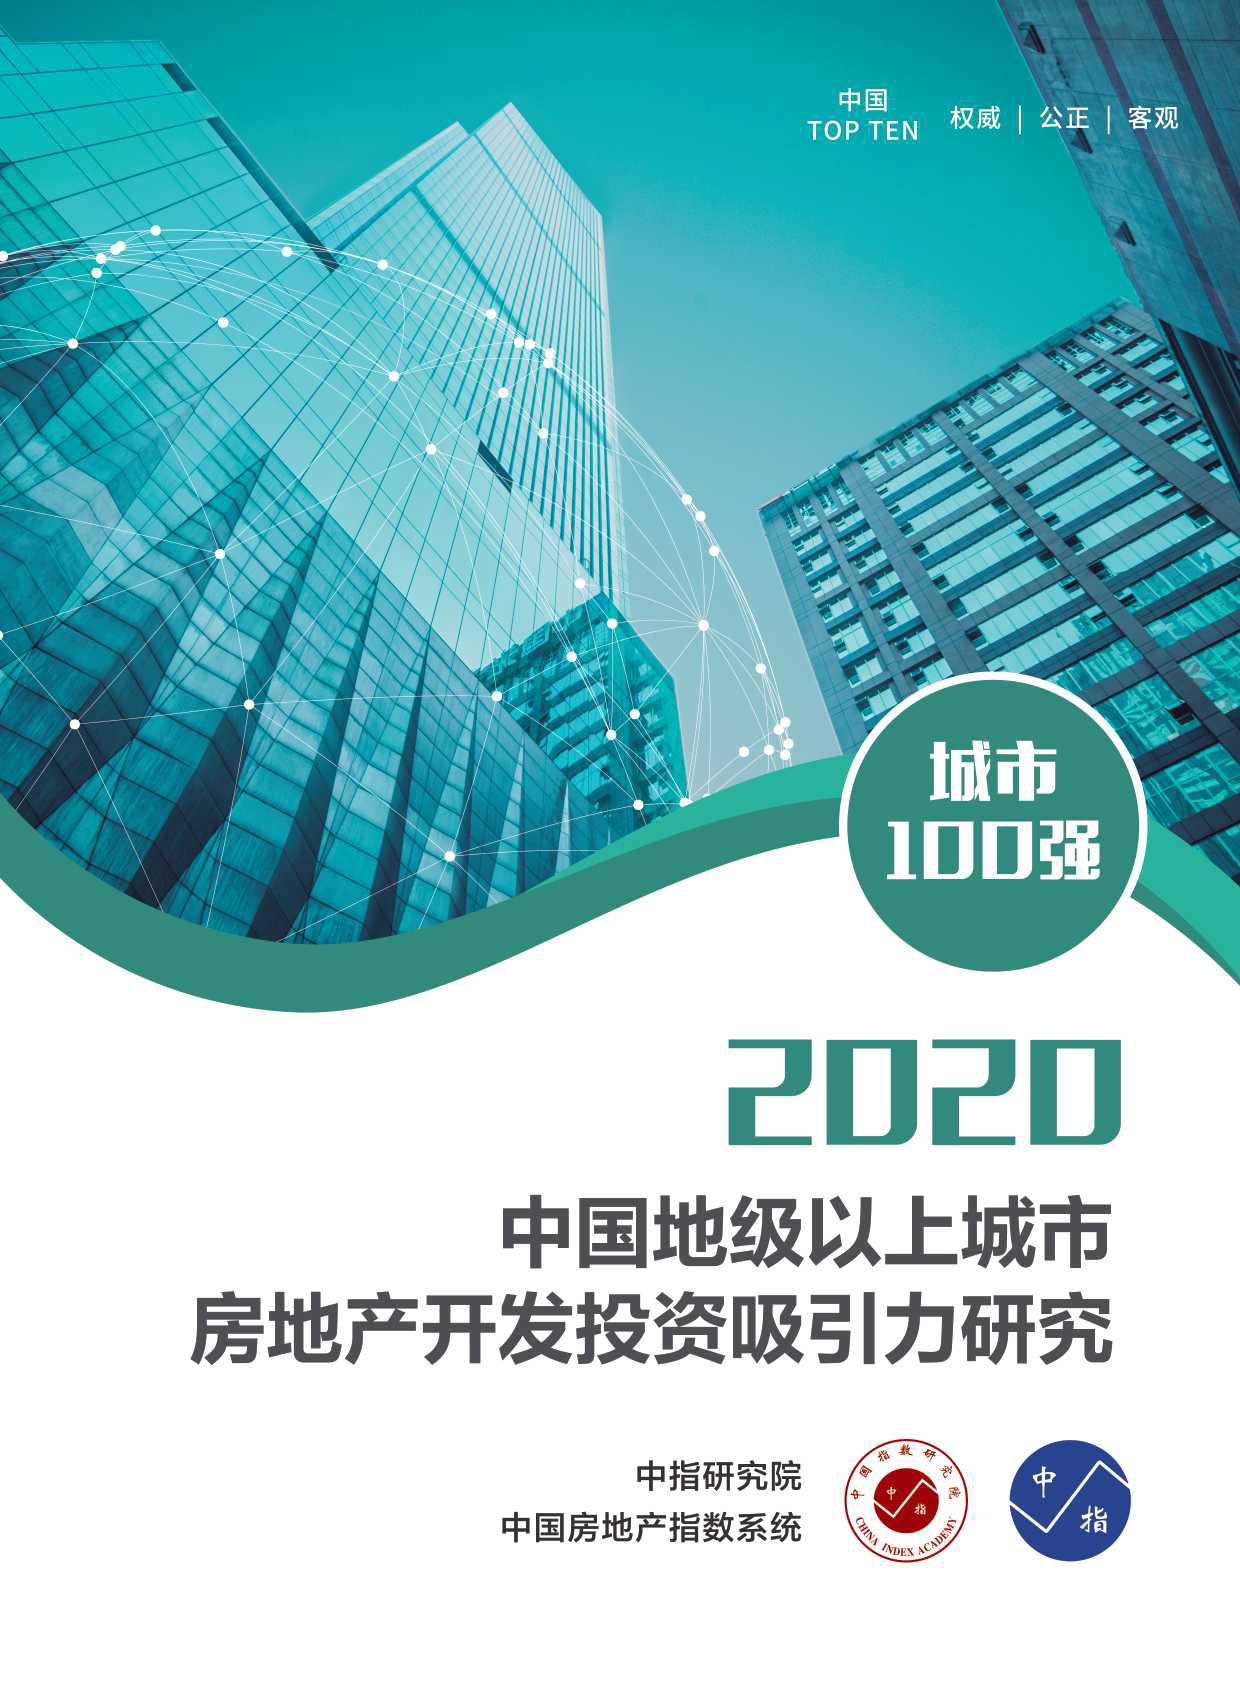 中指研究院:2020中国地级以上城市房地产开发投资吸引力研究报告(附下载)